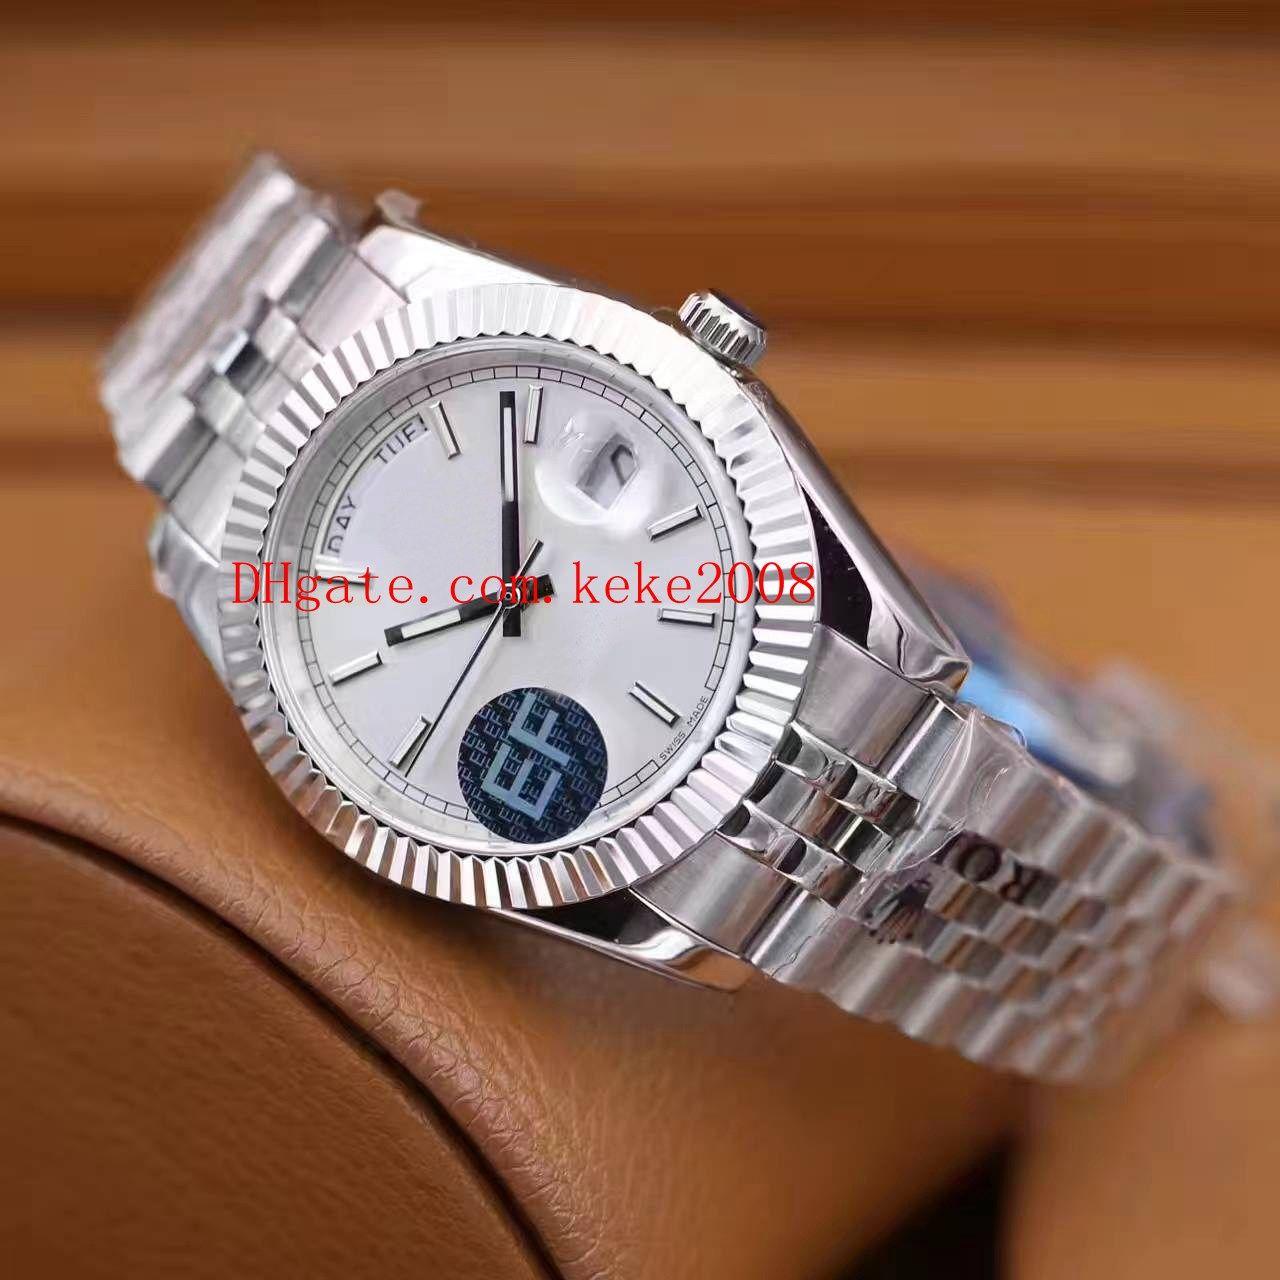 10 farbe luxus beste armbanduhr ef fabrik präsident präsident tagszeit 41mm 316l diamant swiss cal.3255 bewegung automatische herrenuhren